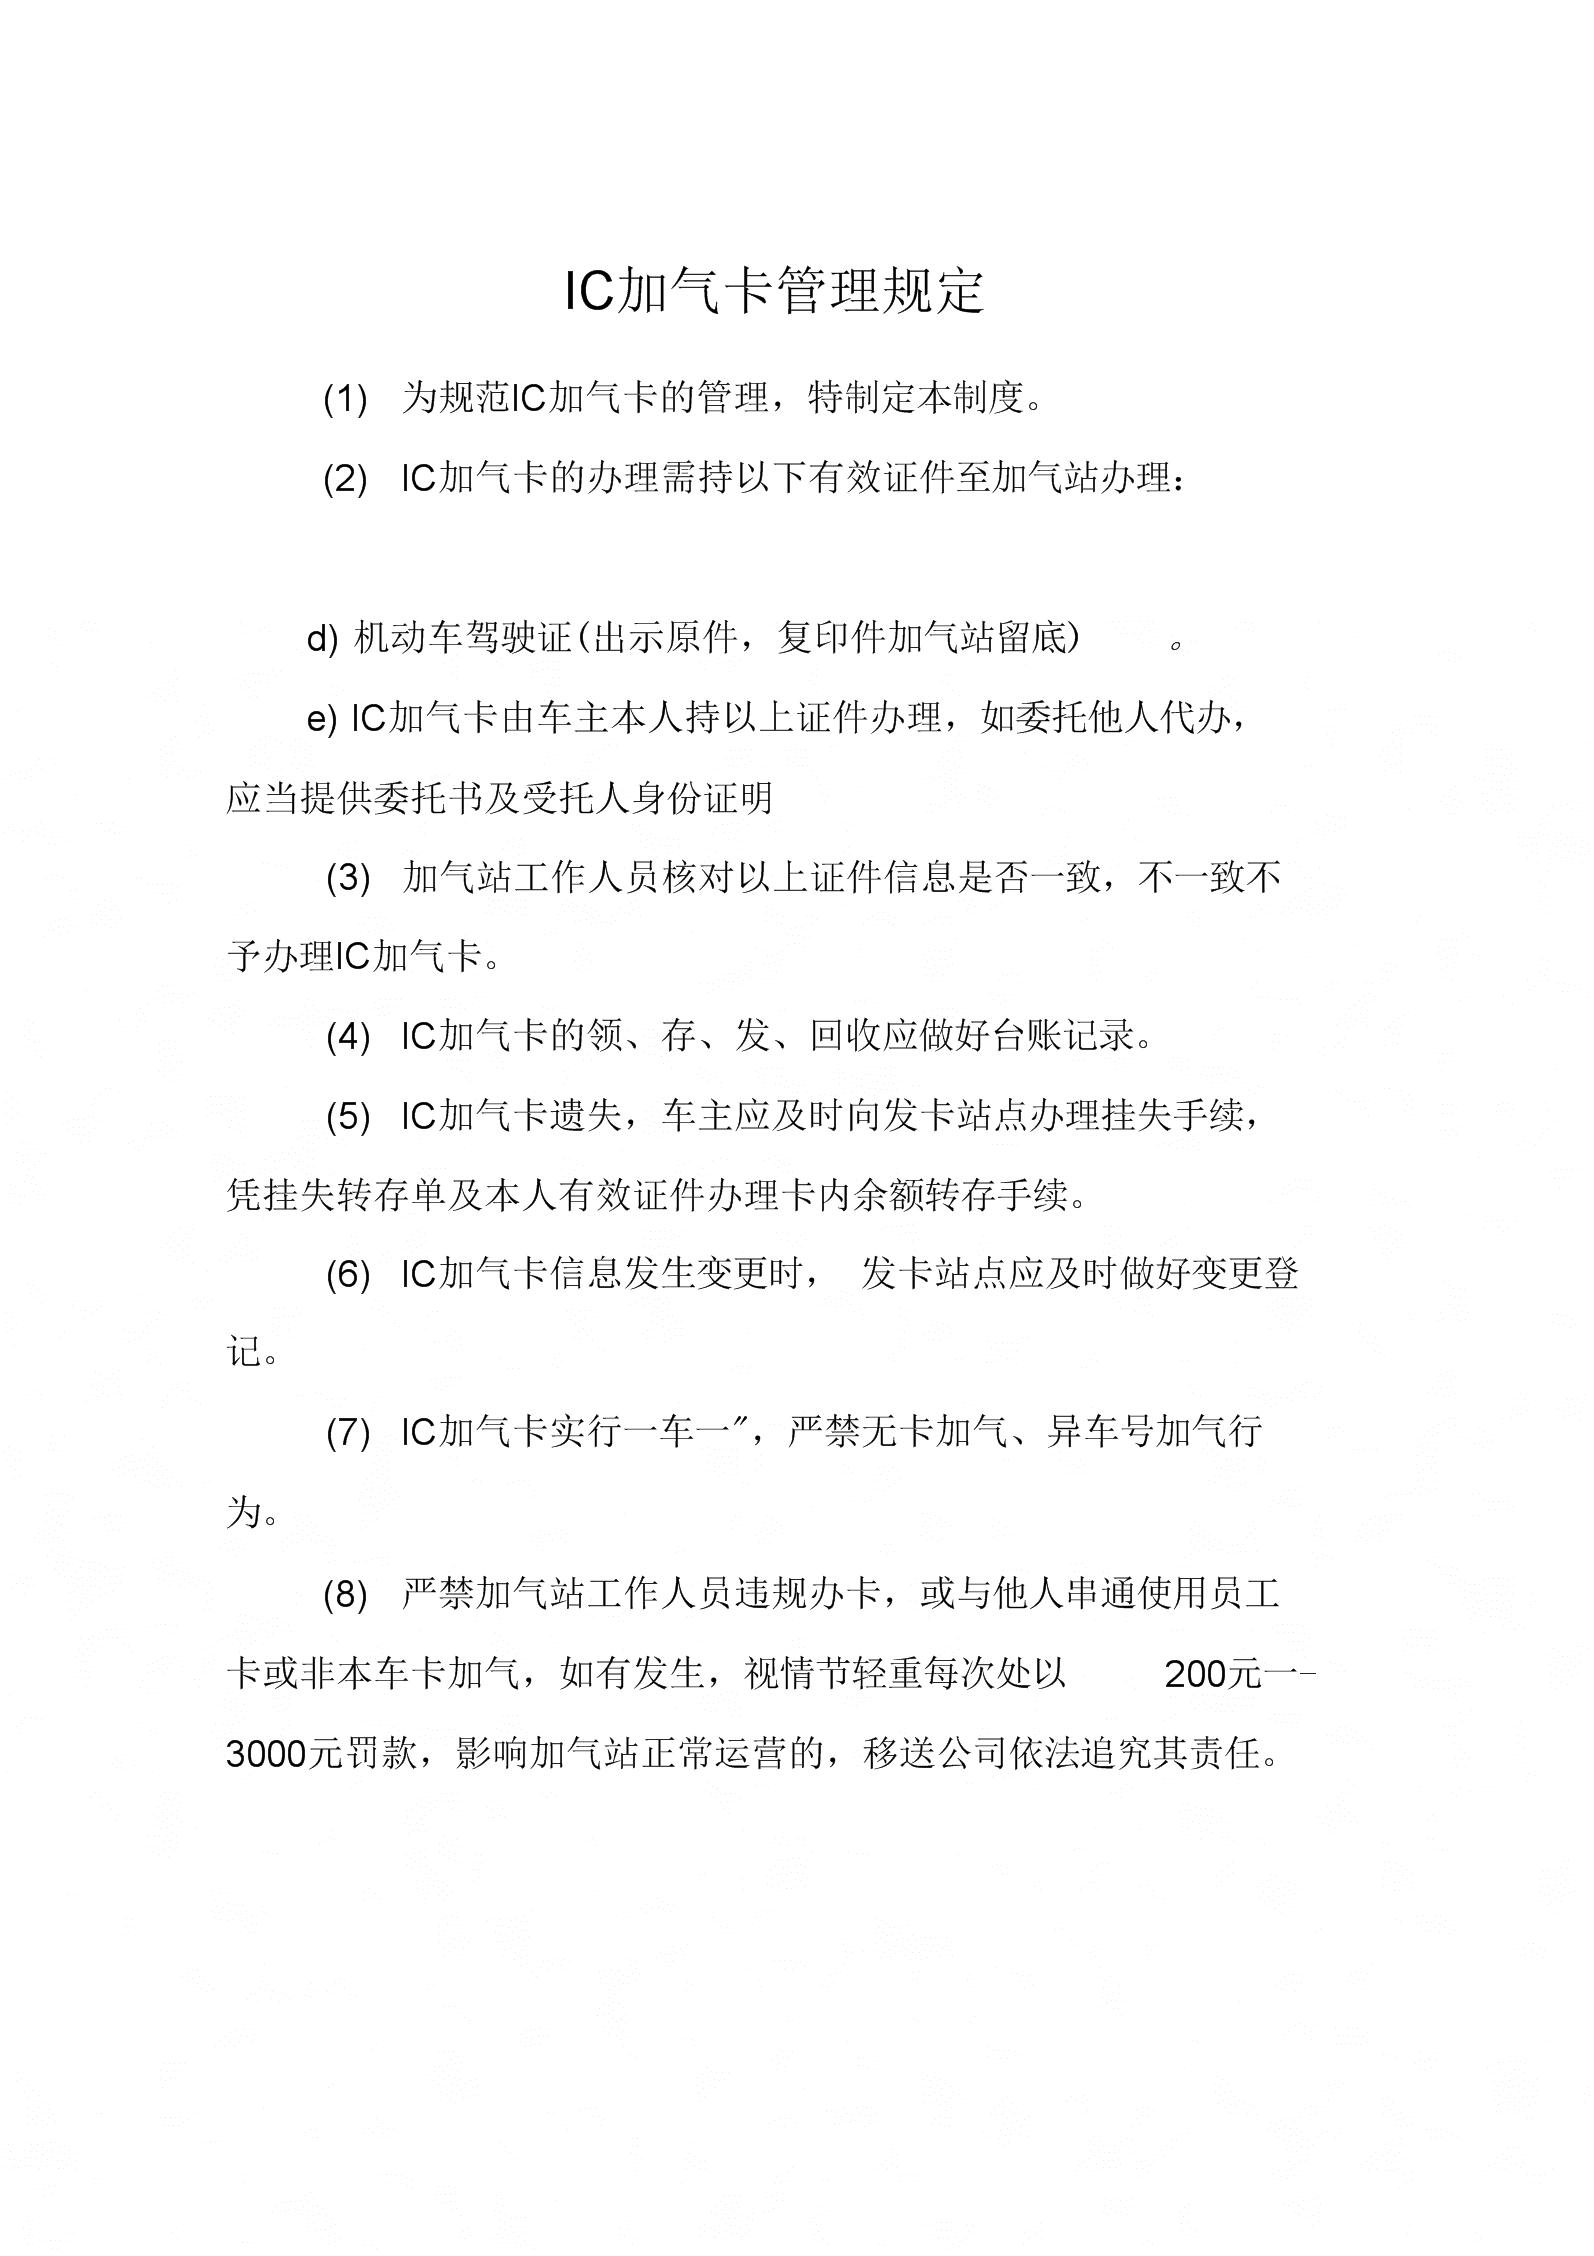 IC加气卡管理规定.docx